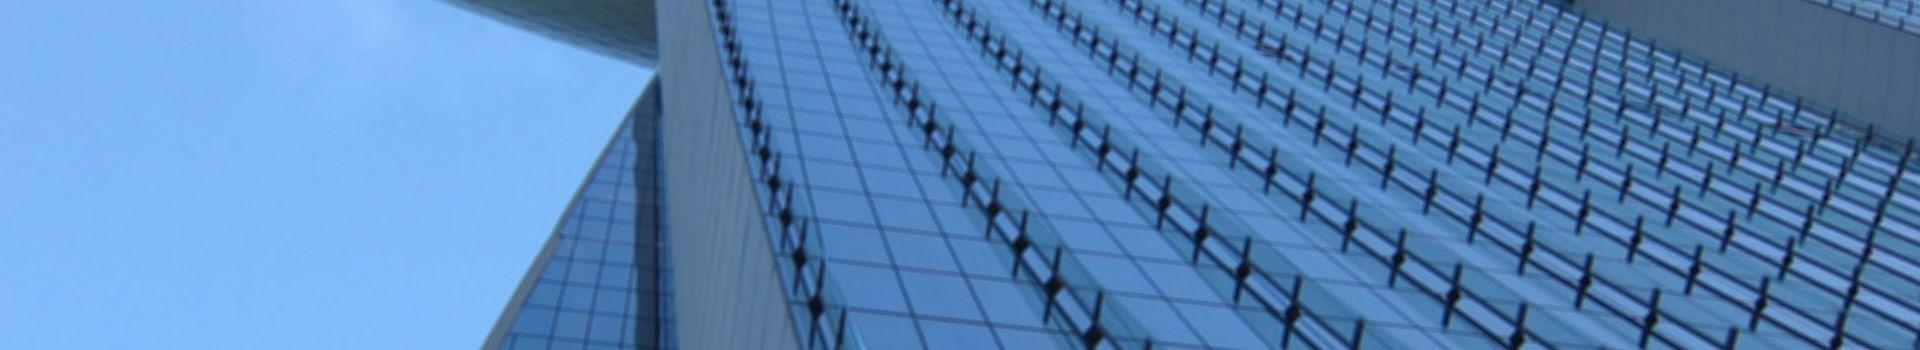 edificio-moderno-fondo